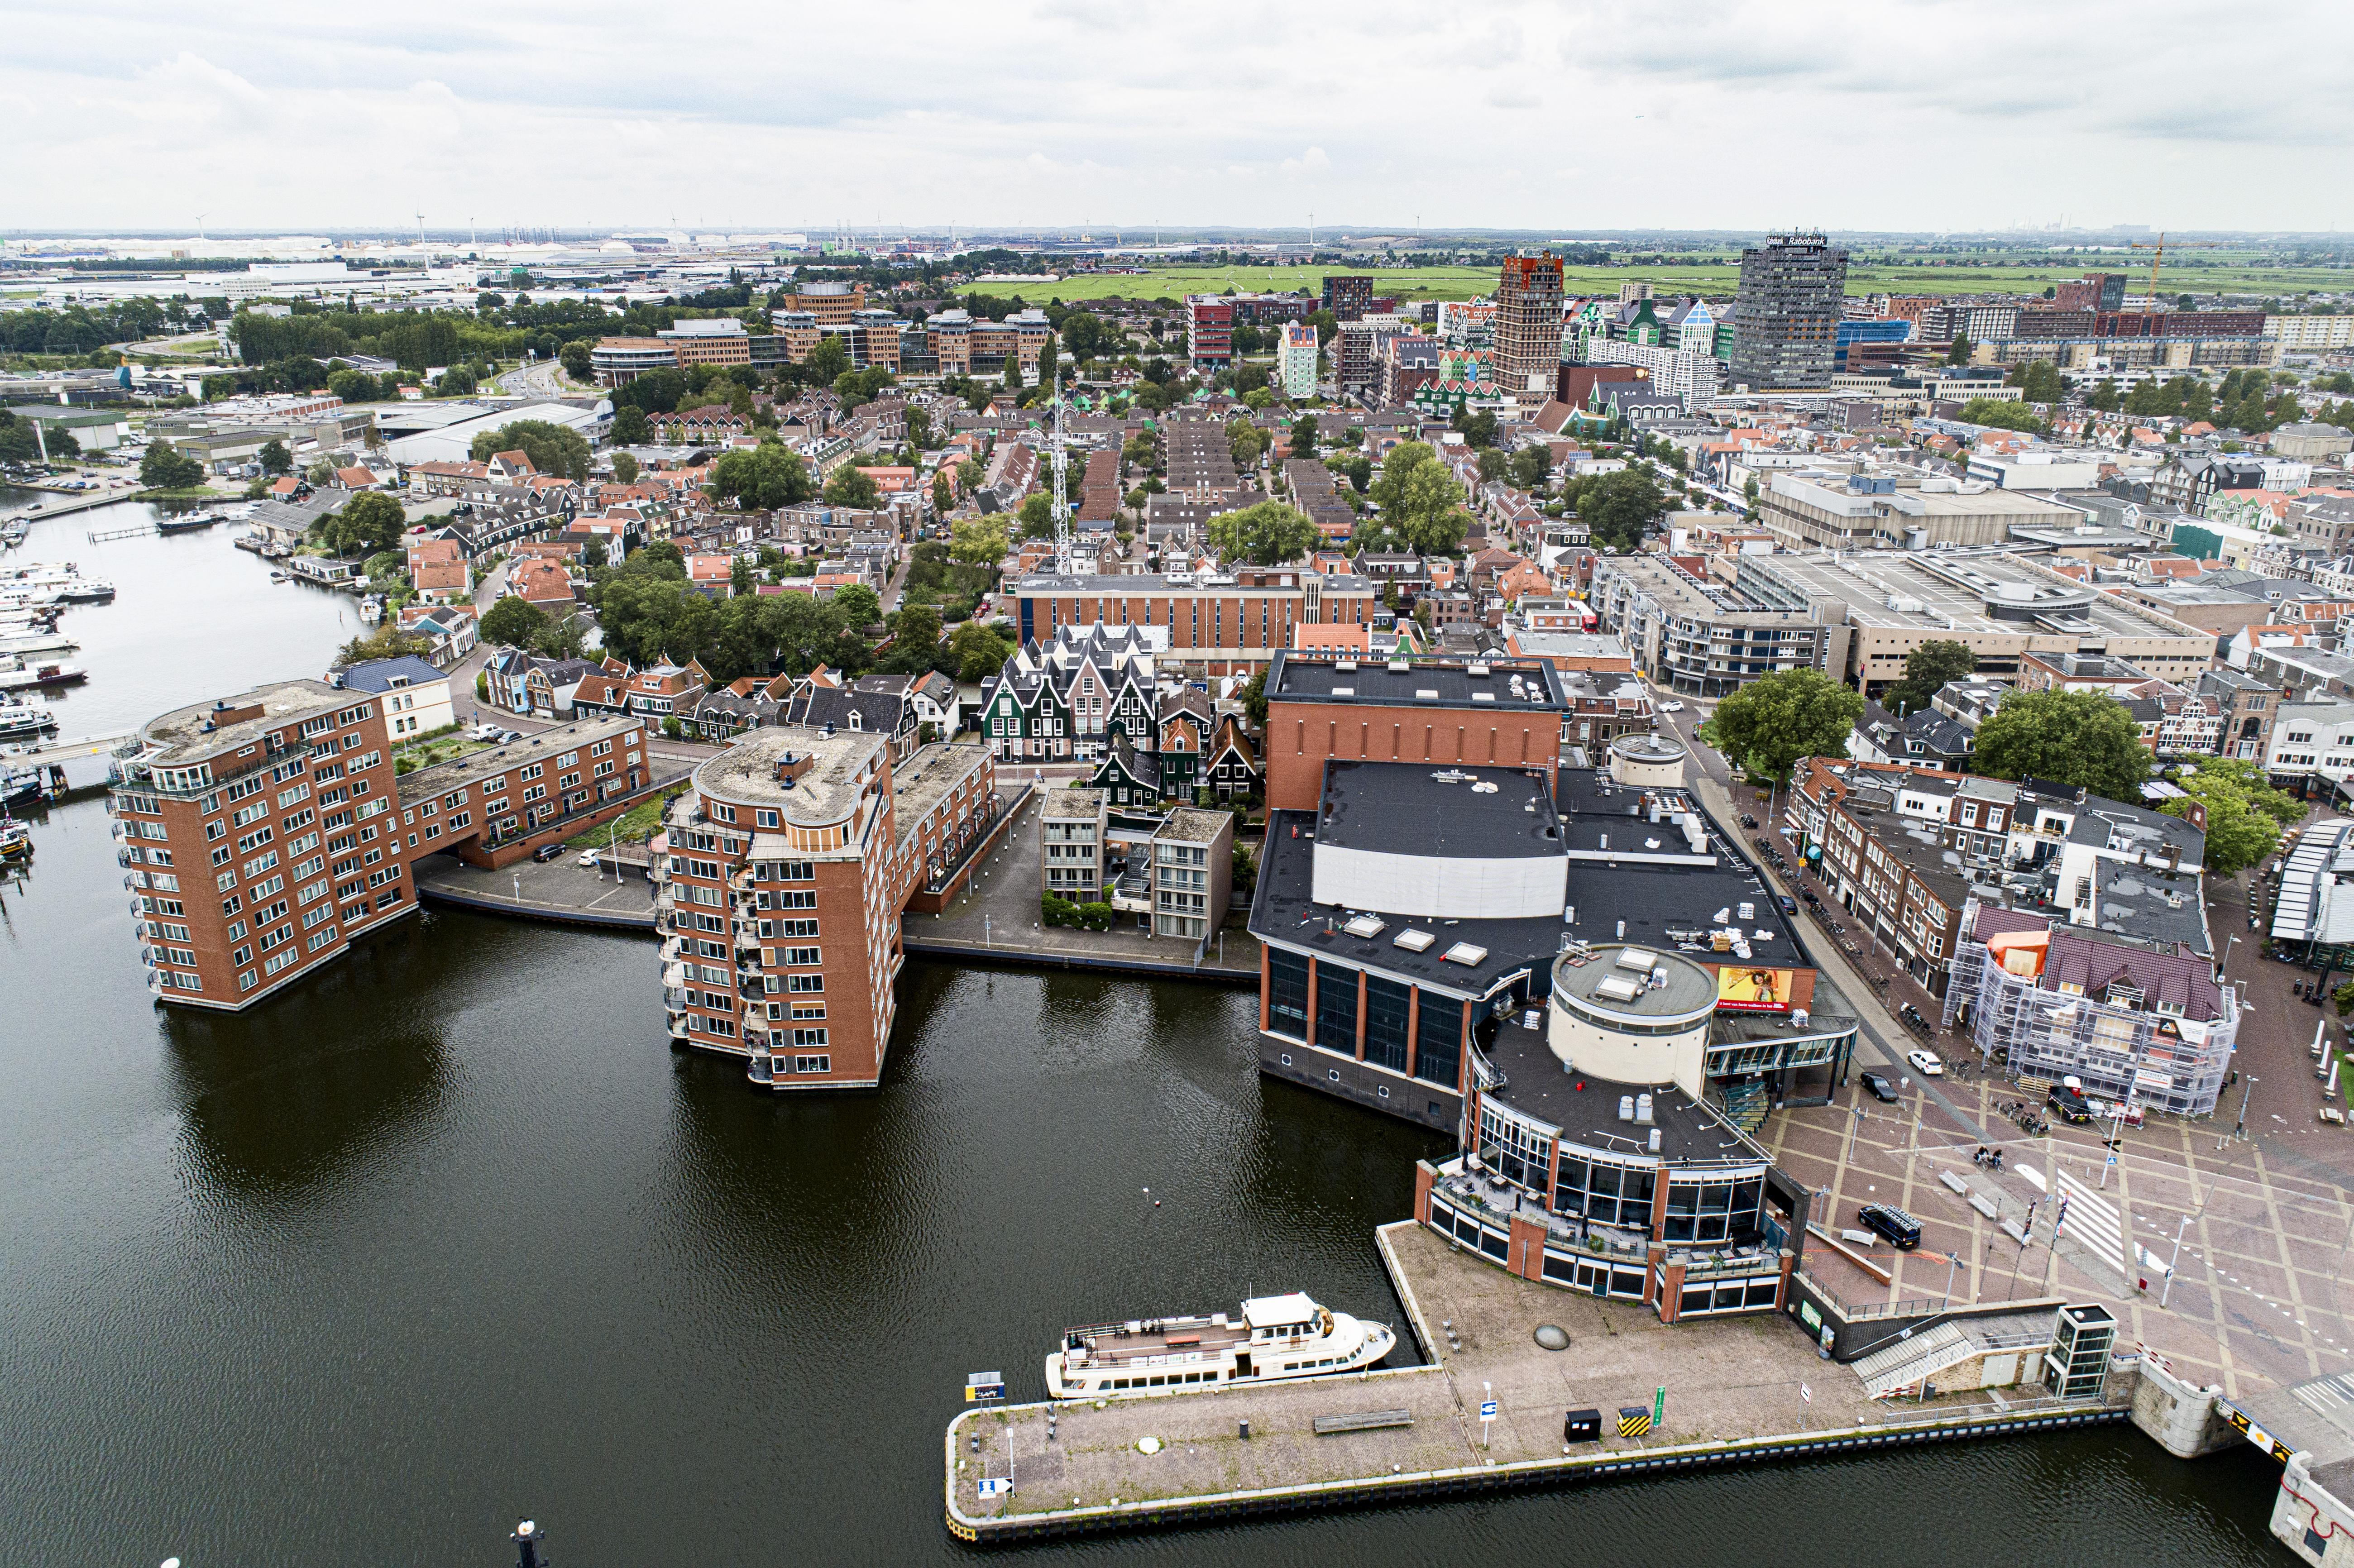 Naar het Zaantheater of toch met de boot naar Amsterdam? (luchtfoto)